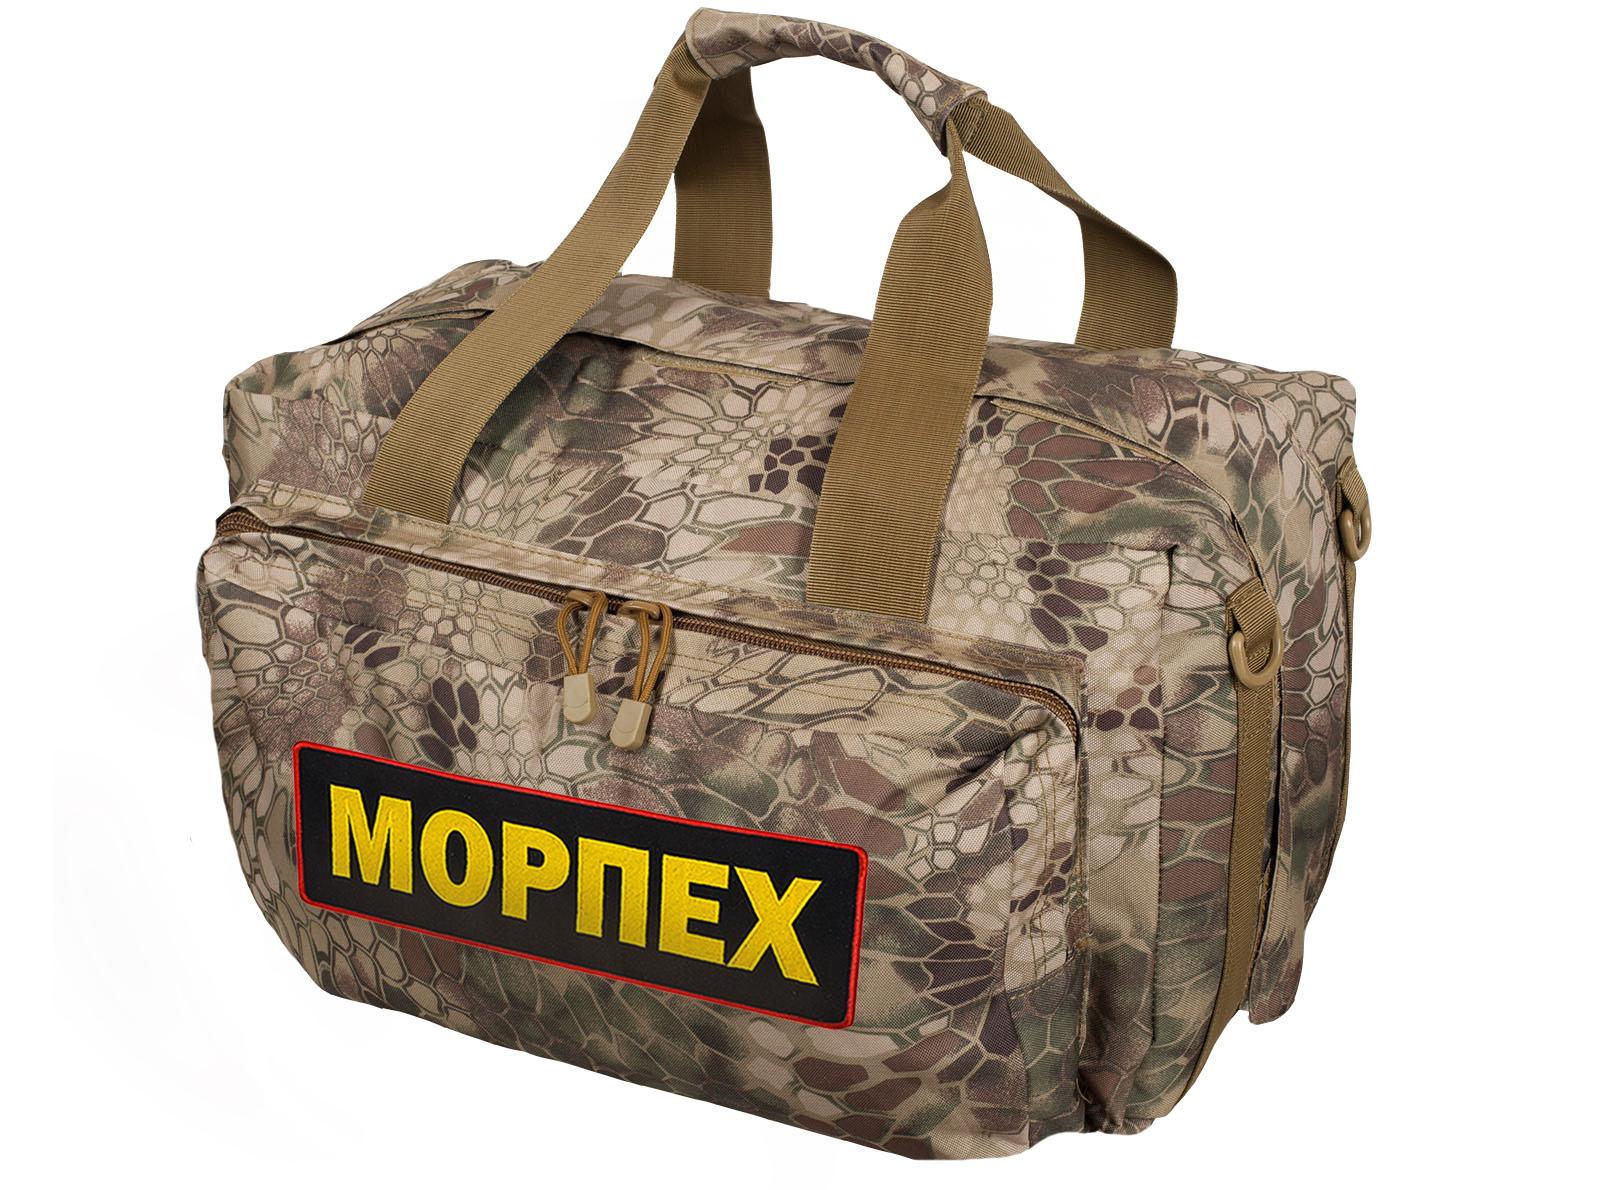 Купить в военторге Военпро снаряжение Морпеха